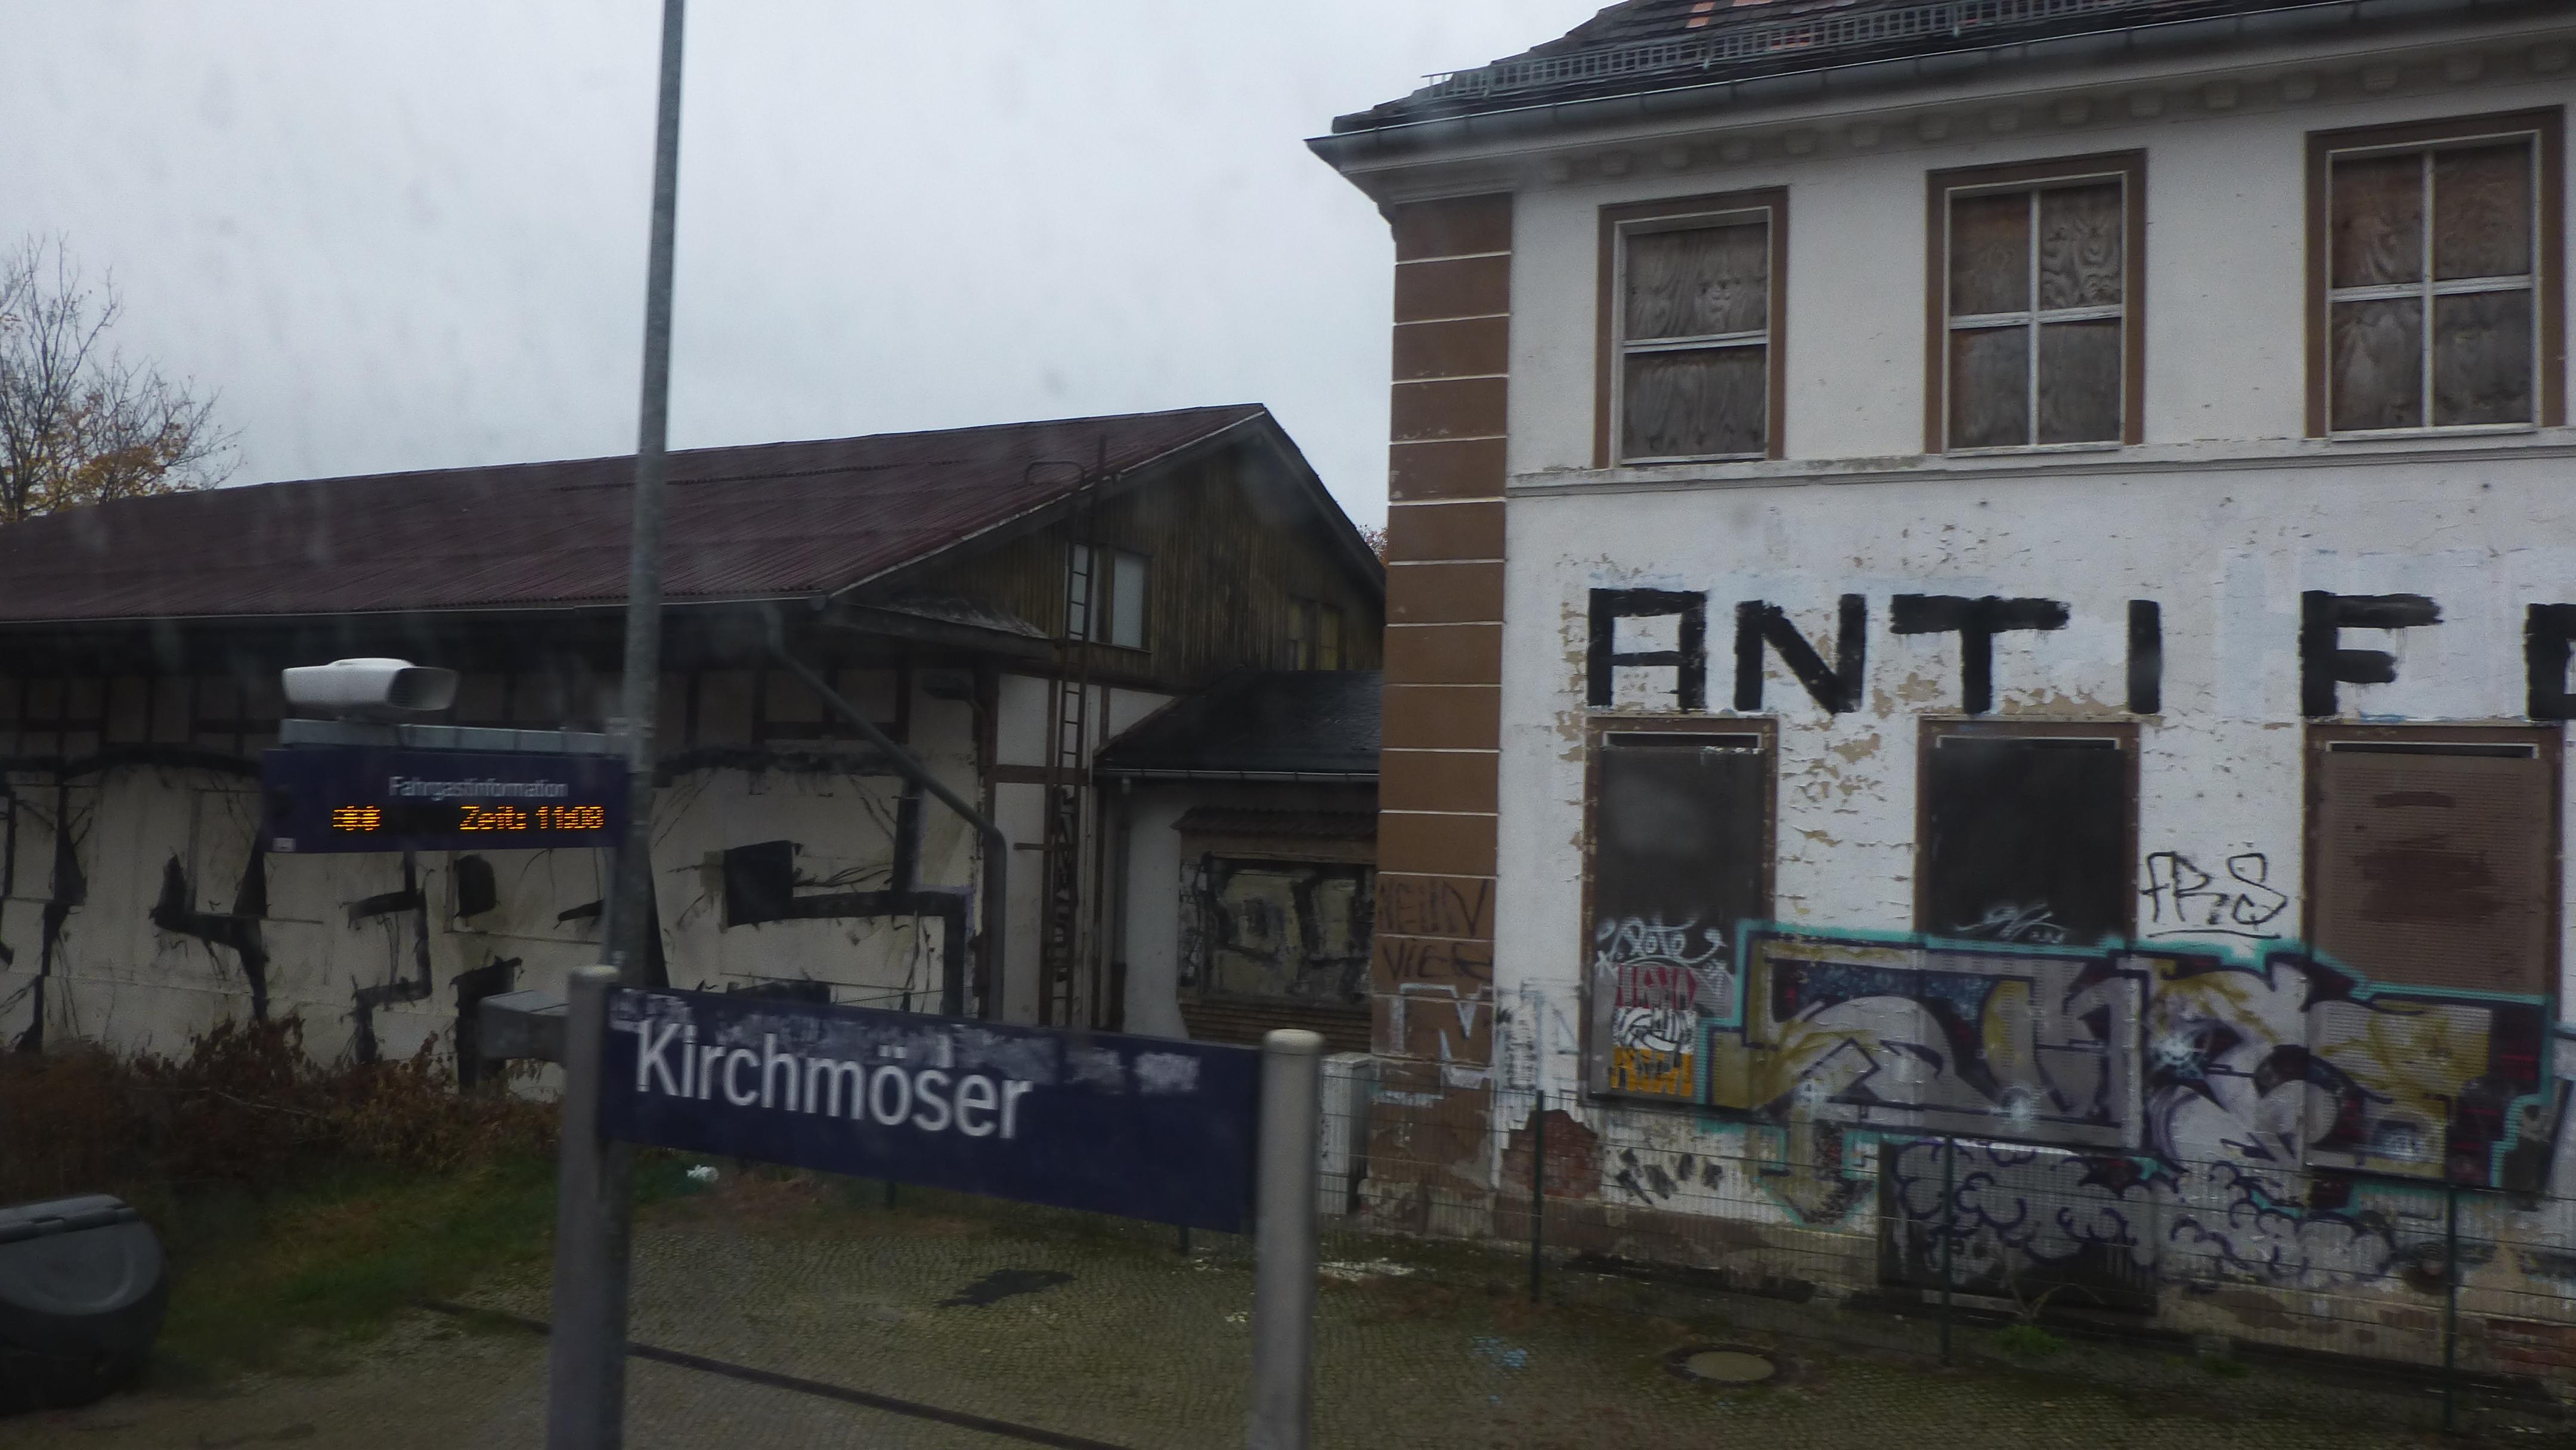 Bahnfahrt Nach Berlin Mit Hotel